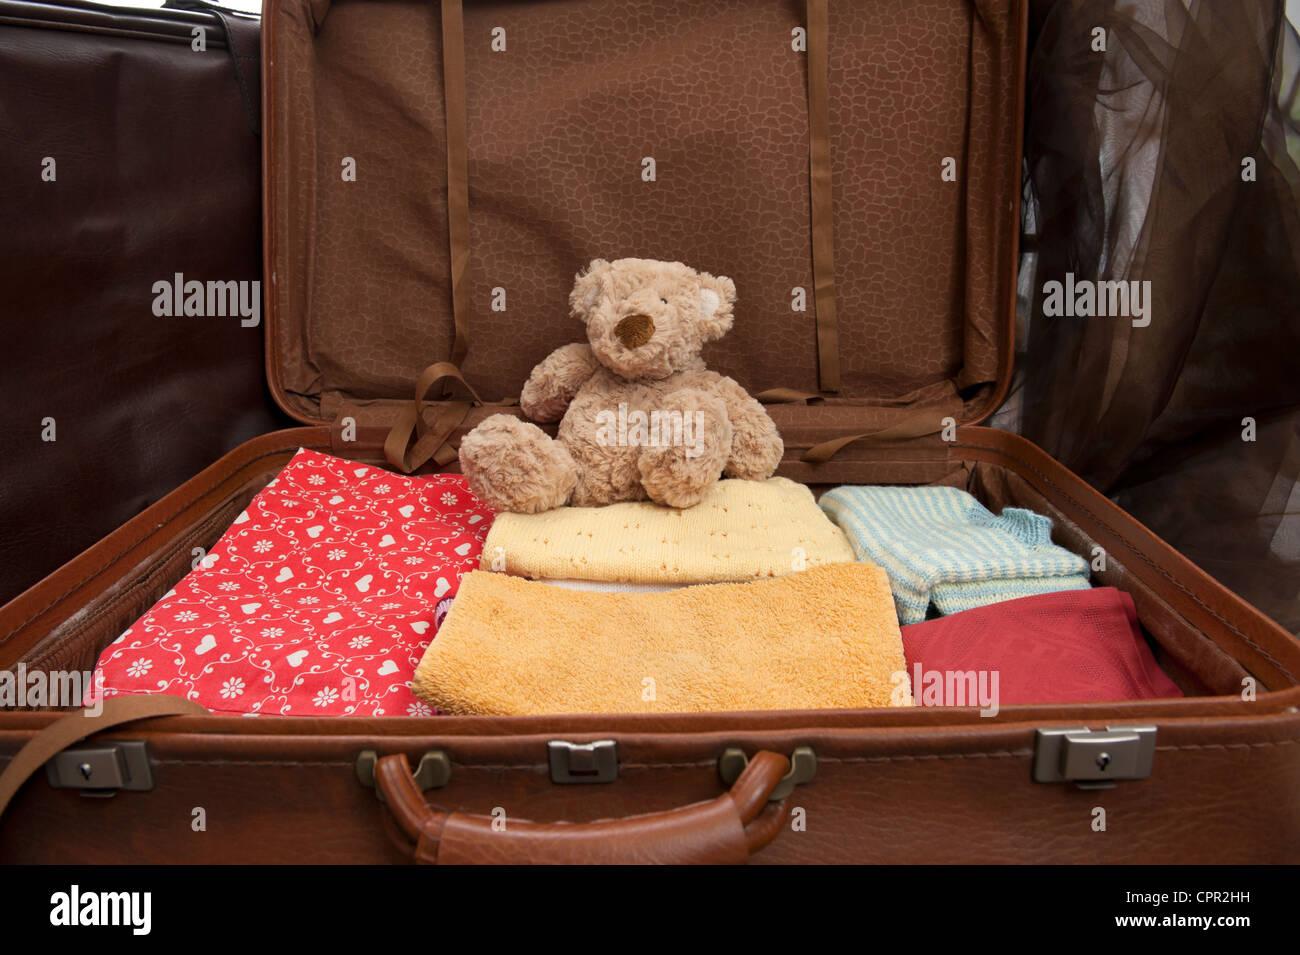 Valise ouverte avec des vêtements et ours Photo Stock